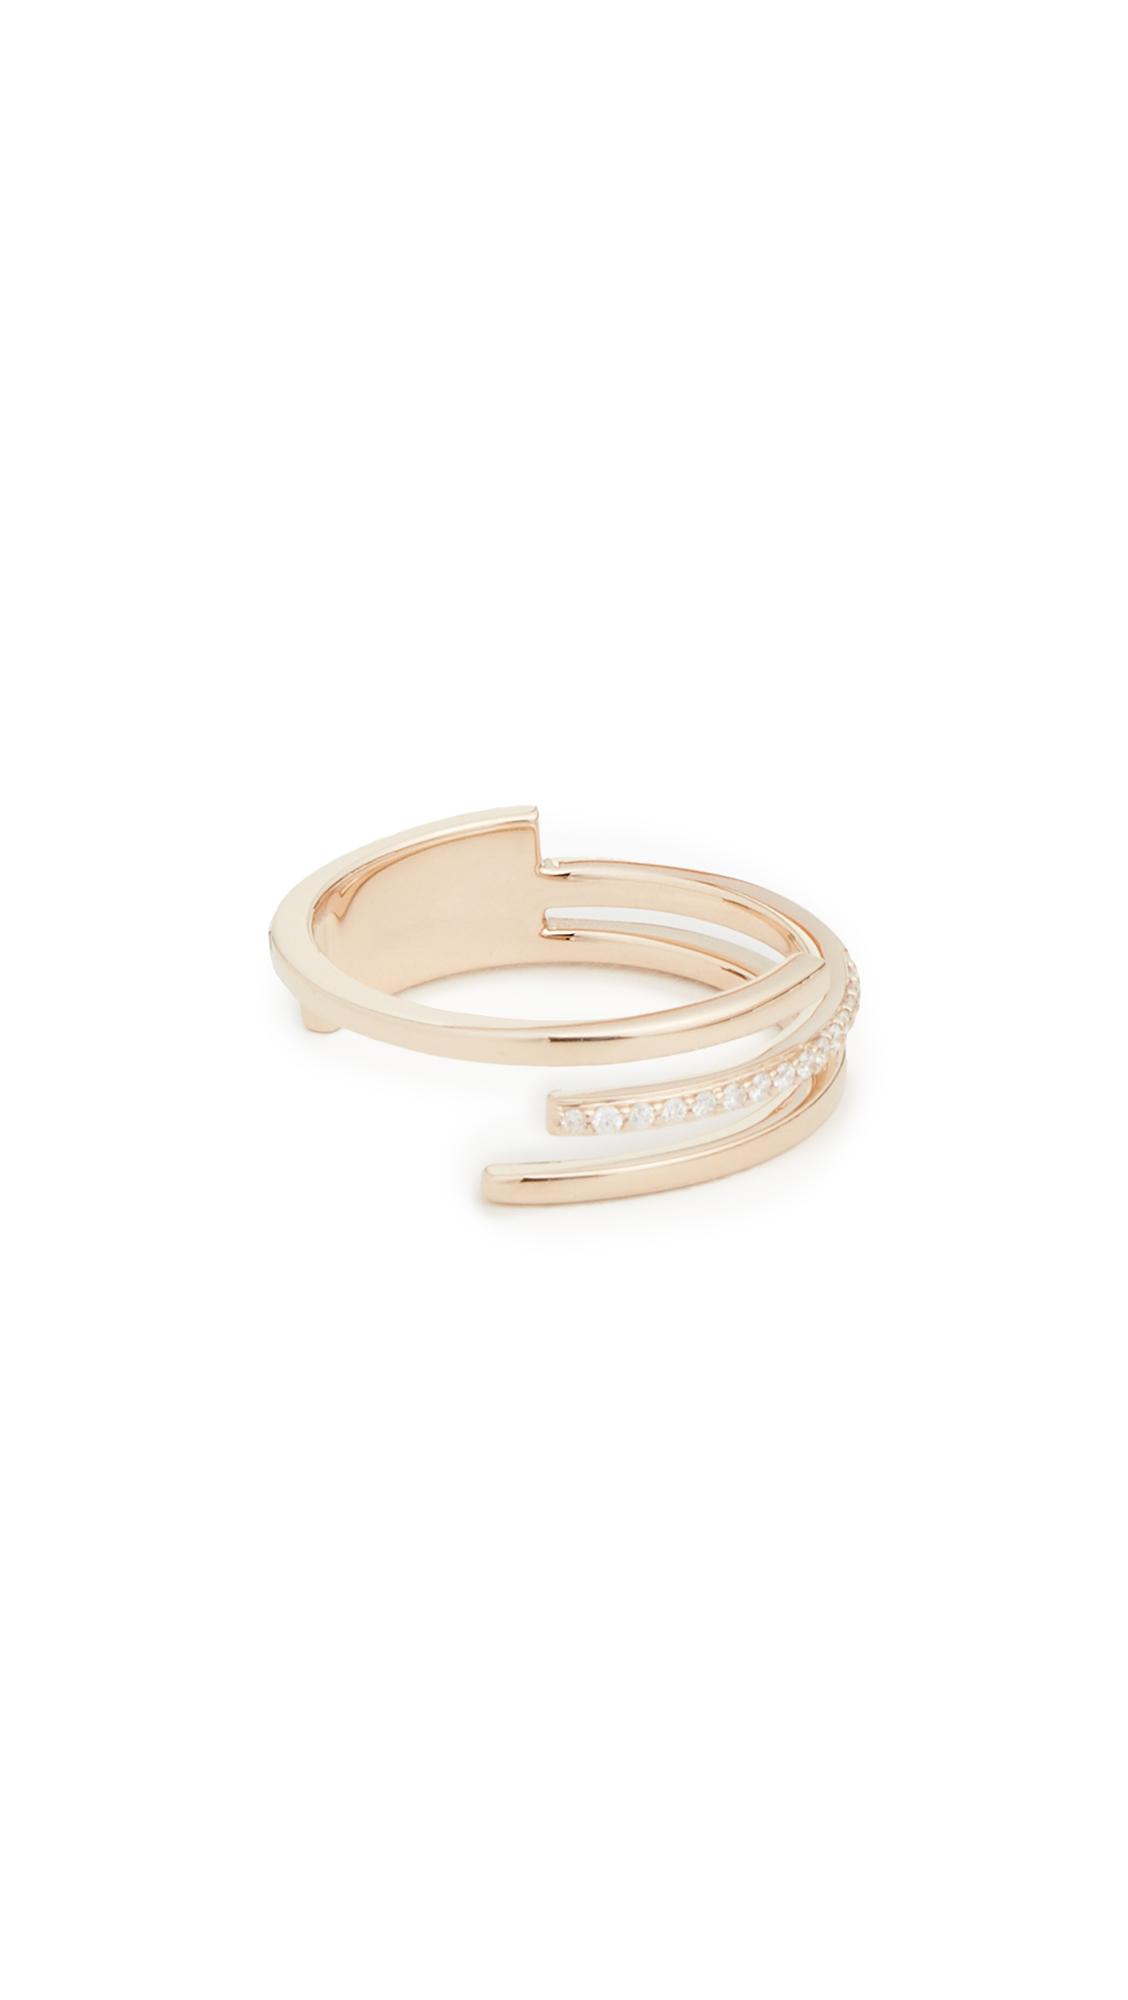 LANA JEWELRY 14k 3 Band Diamond Ring